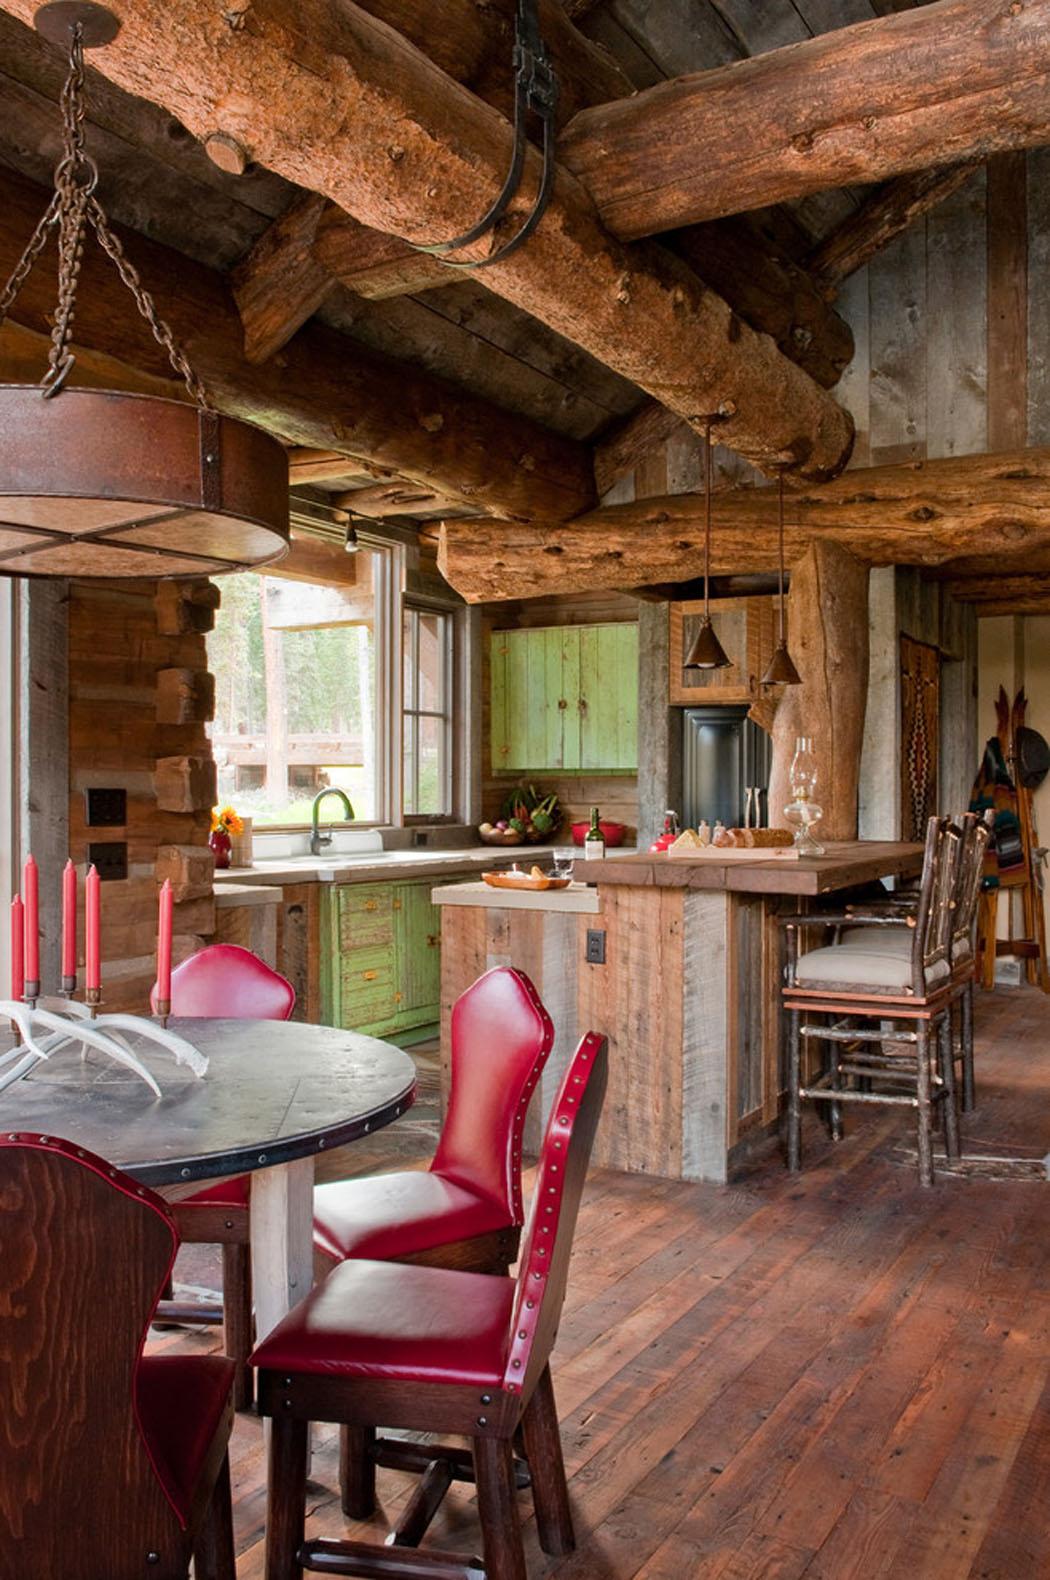 Belle maison rustique situ e au c ur d un paysage de - Des vers dans la cuisine ...